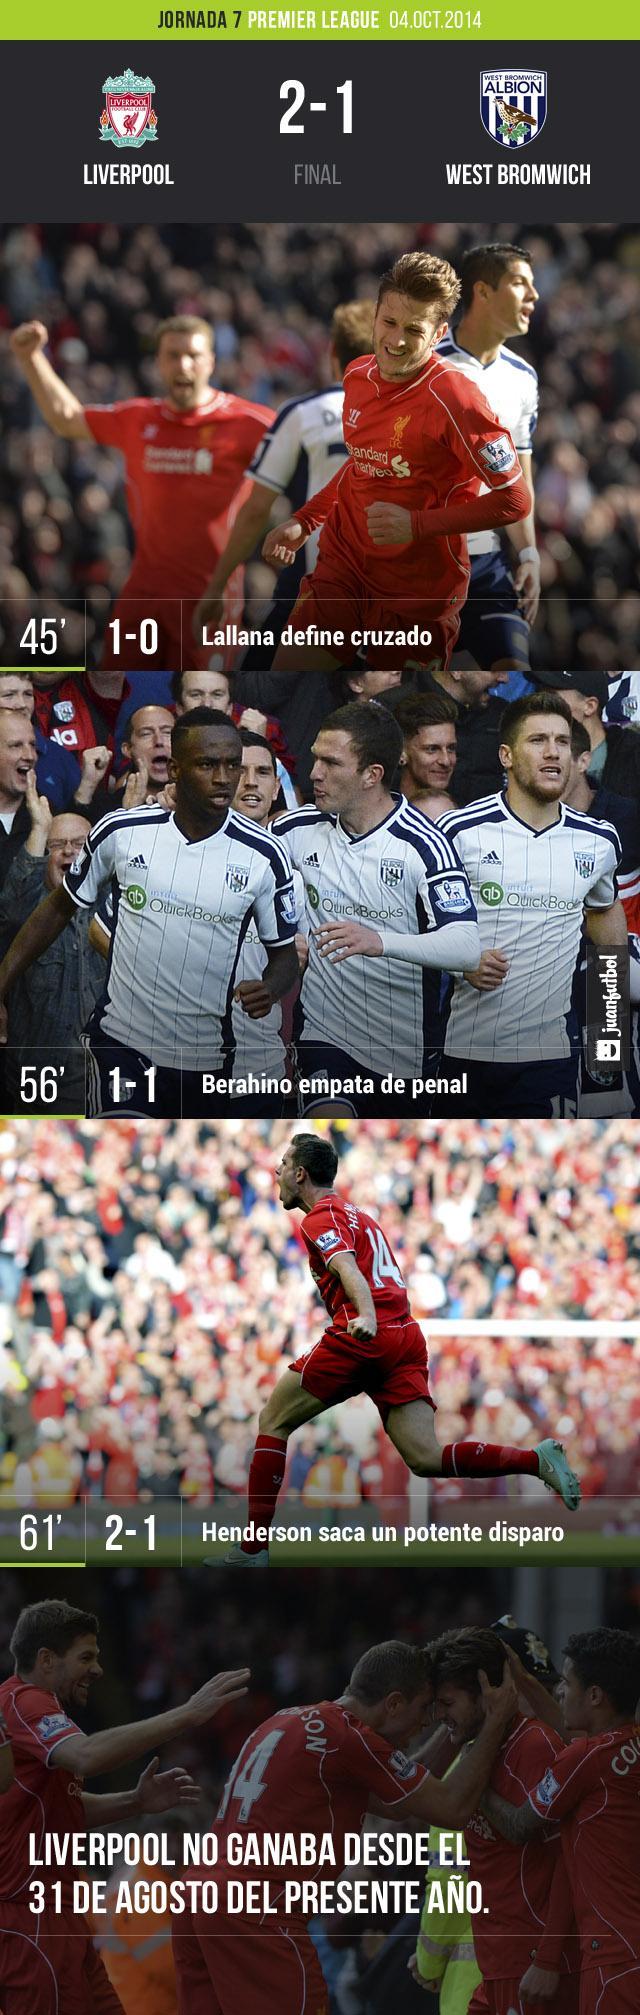 Liverpool derrota 2-1 al West Bromwich con goles de Lallana y Henderson. Berahino puso el empate.